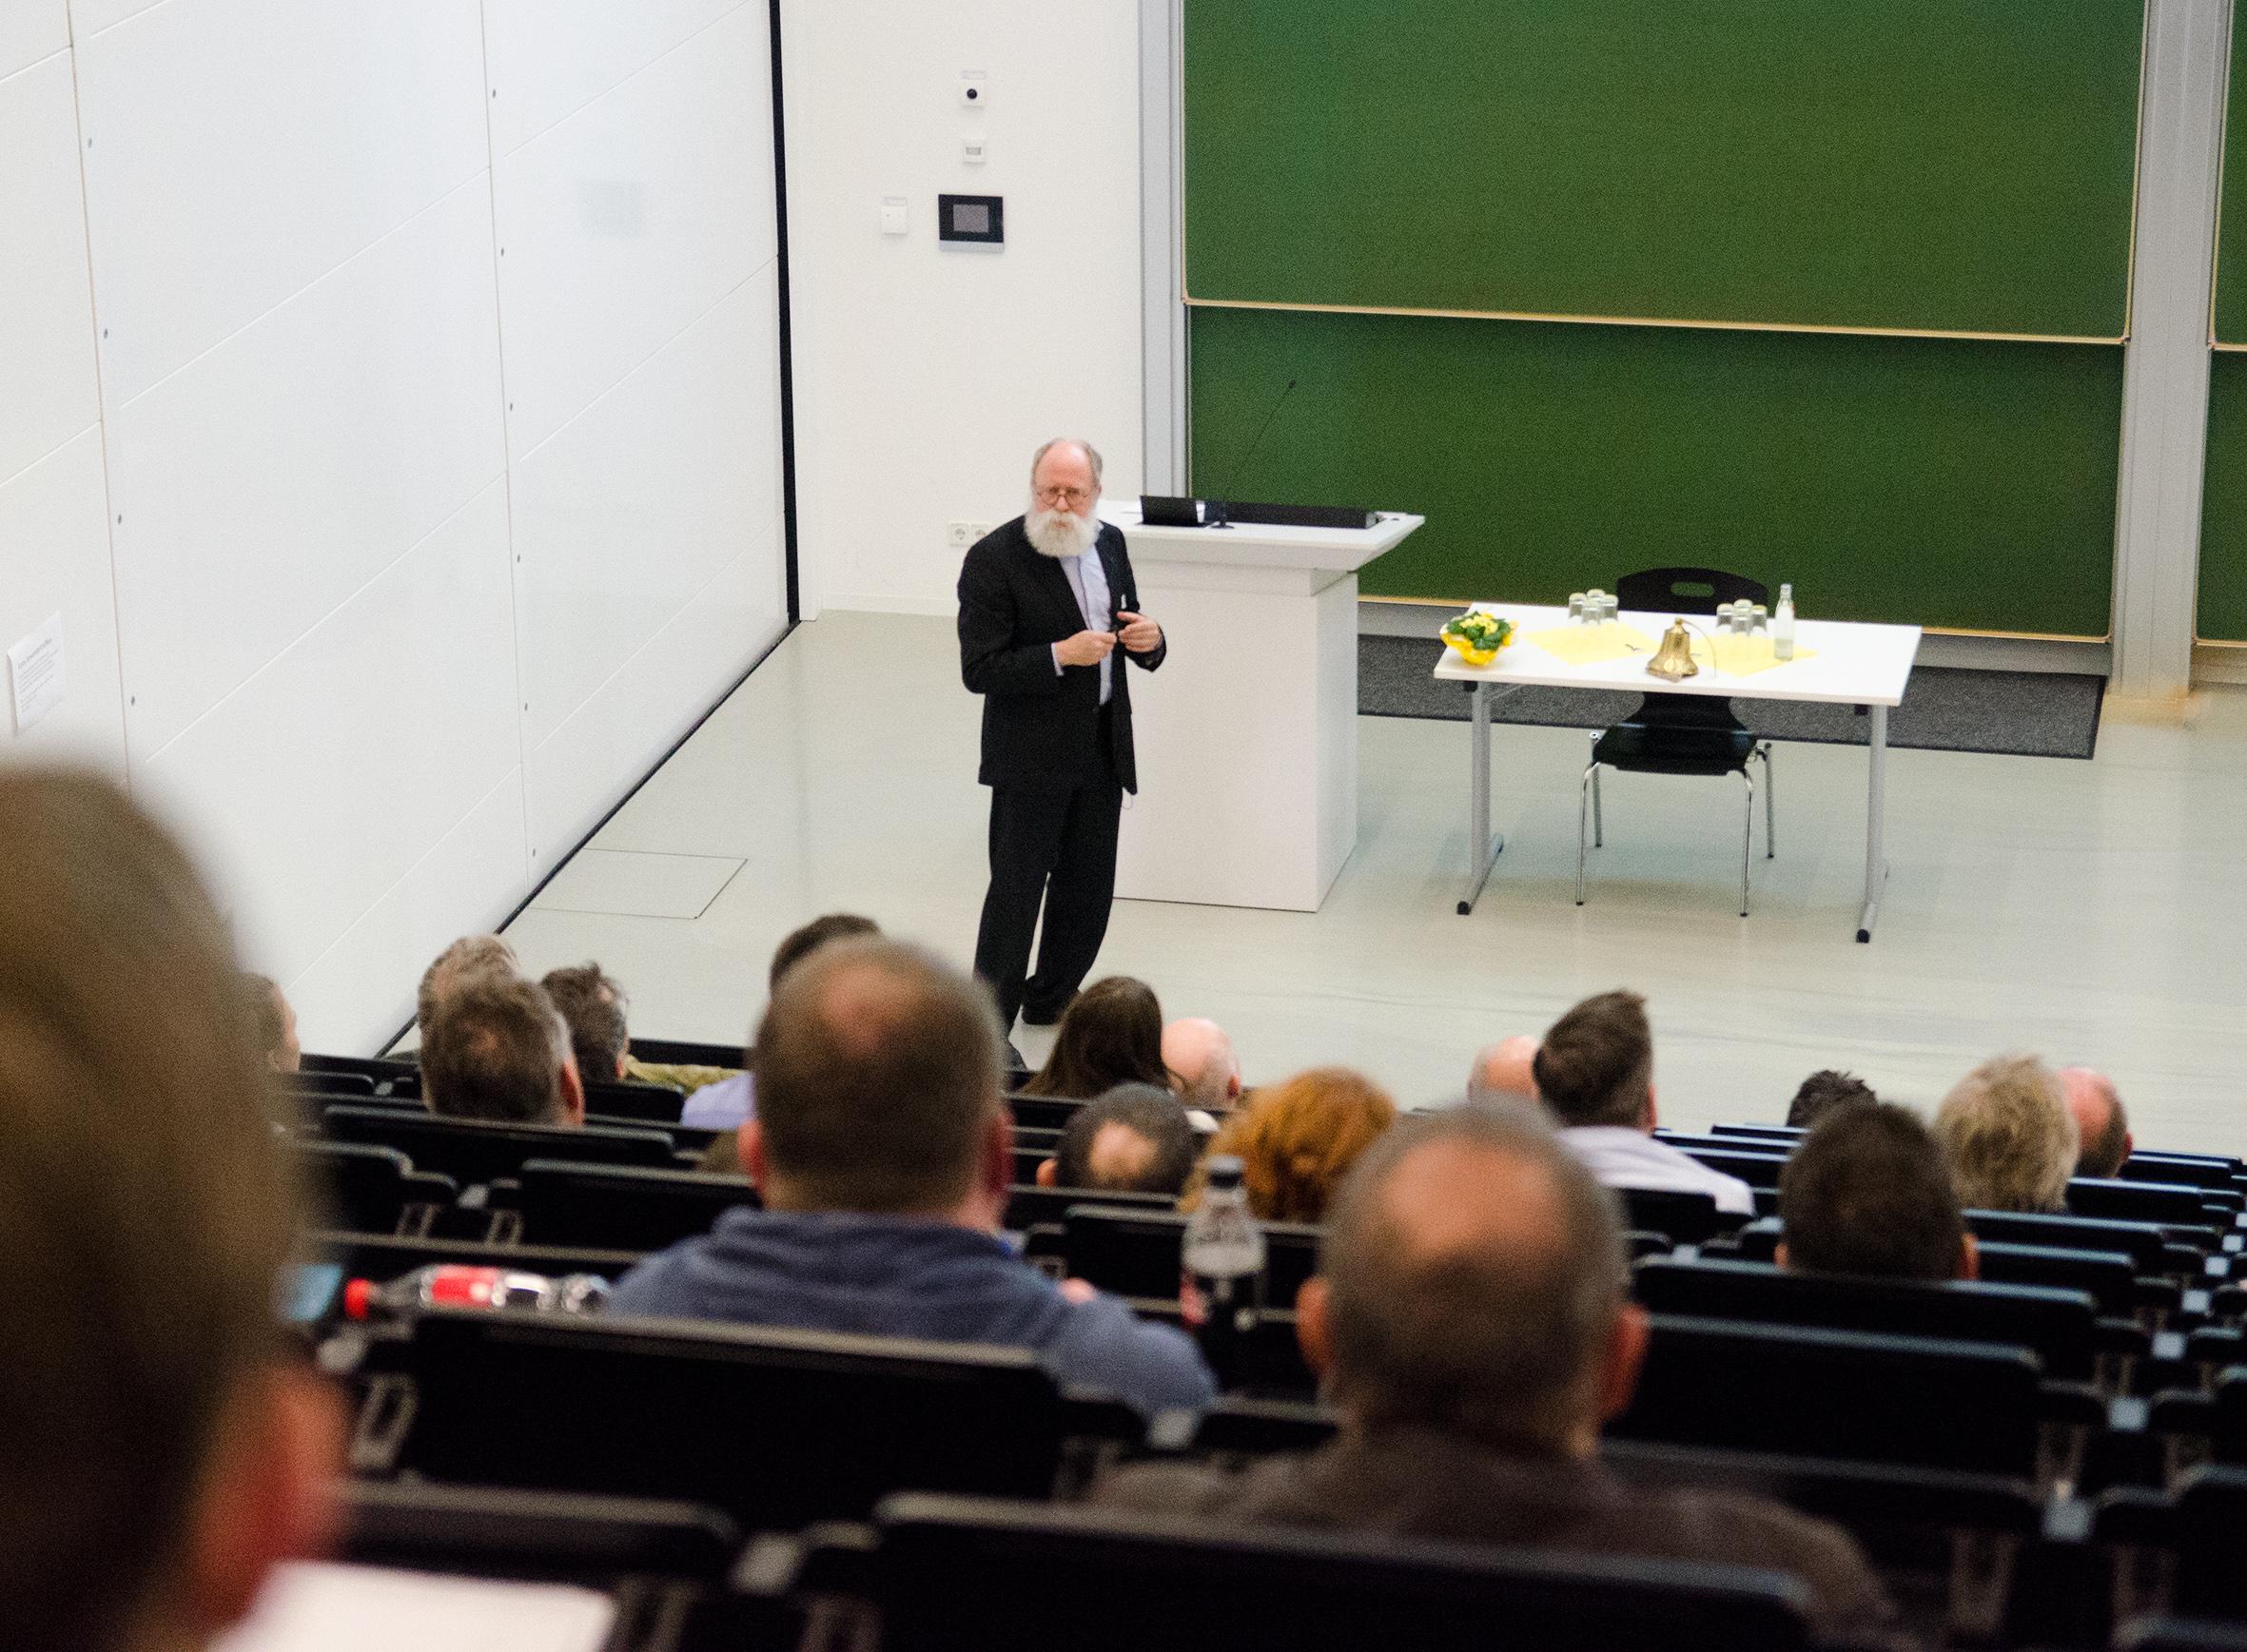 Dr. Alex von Bohlen